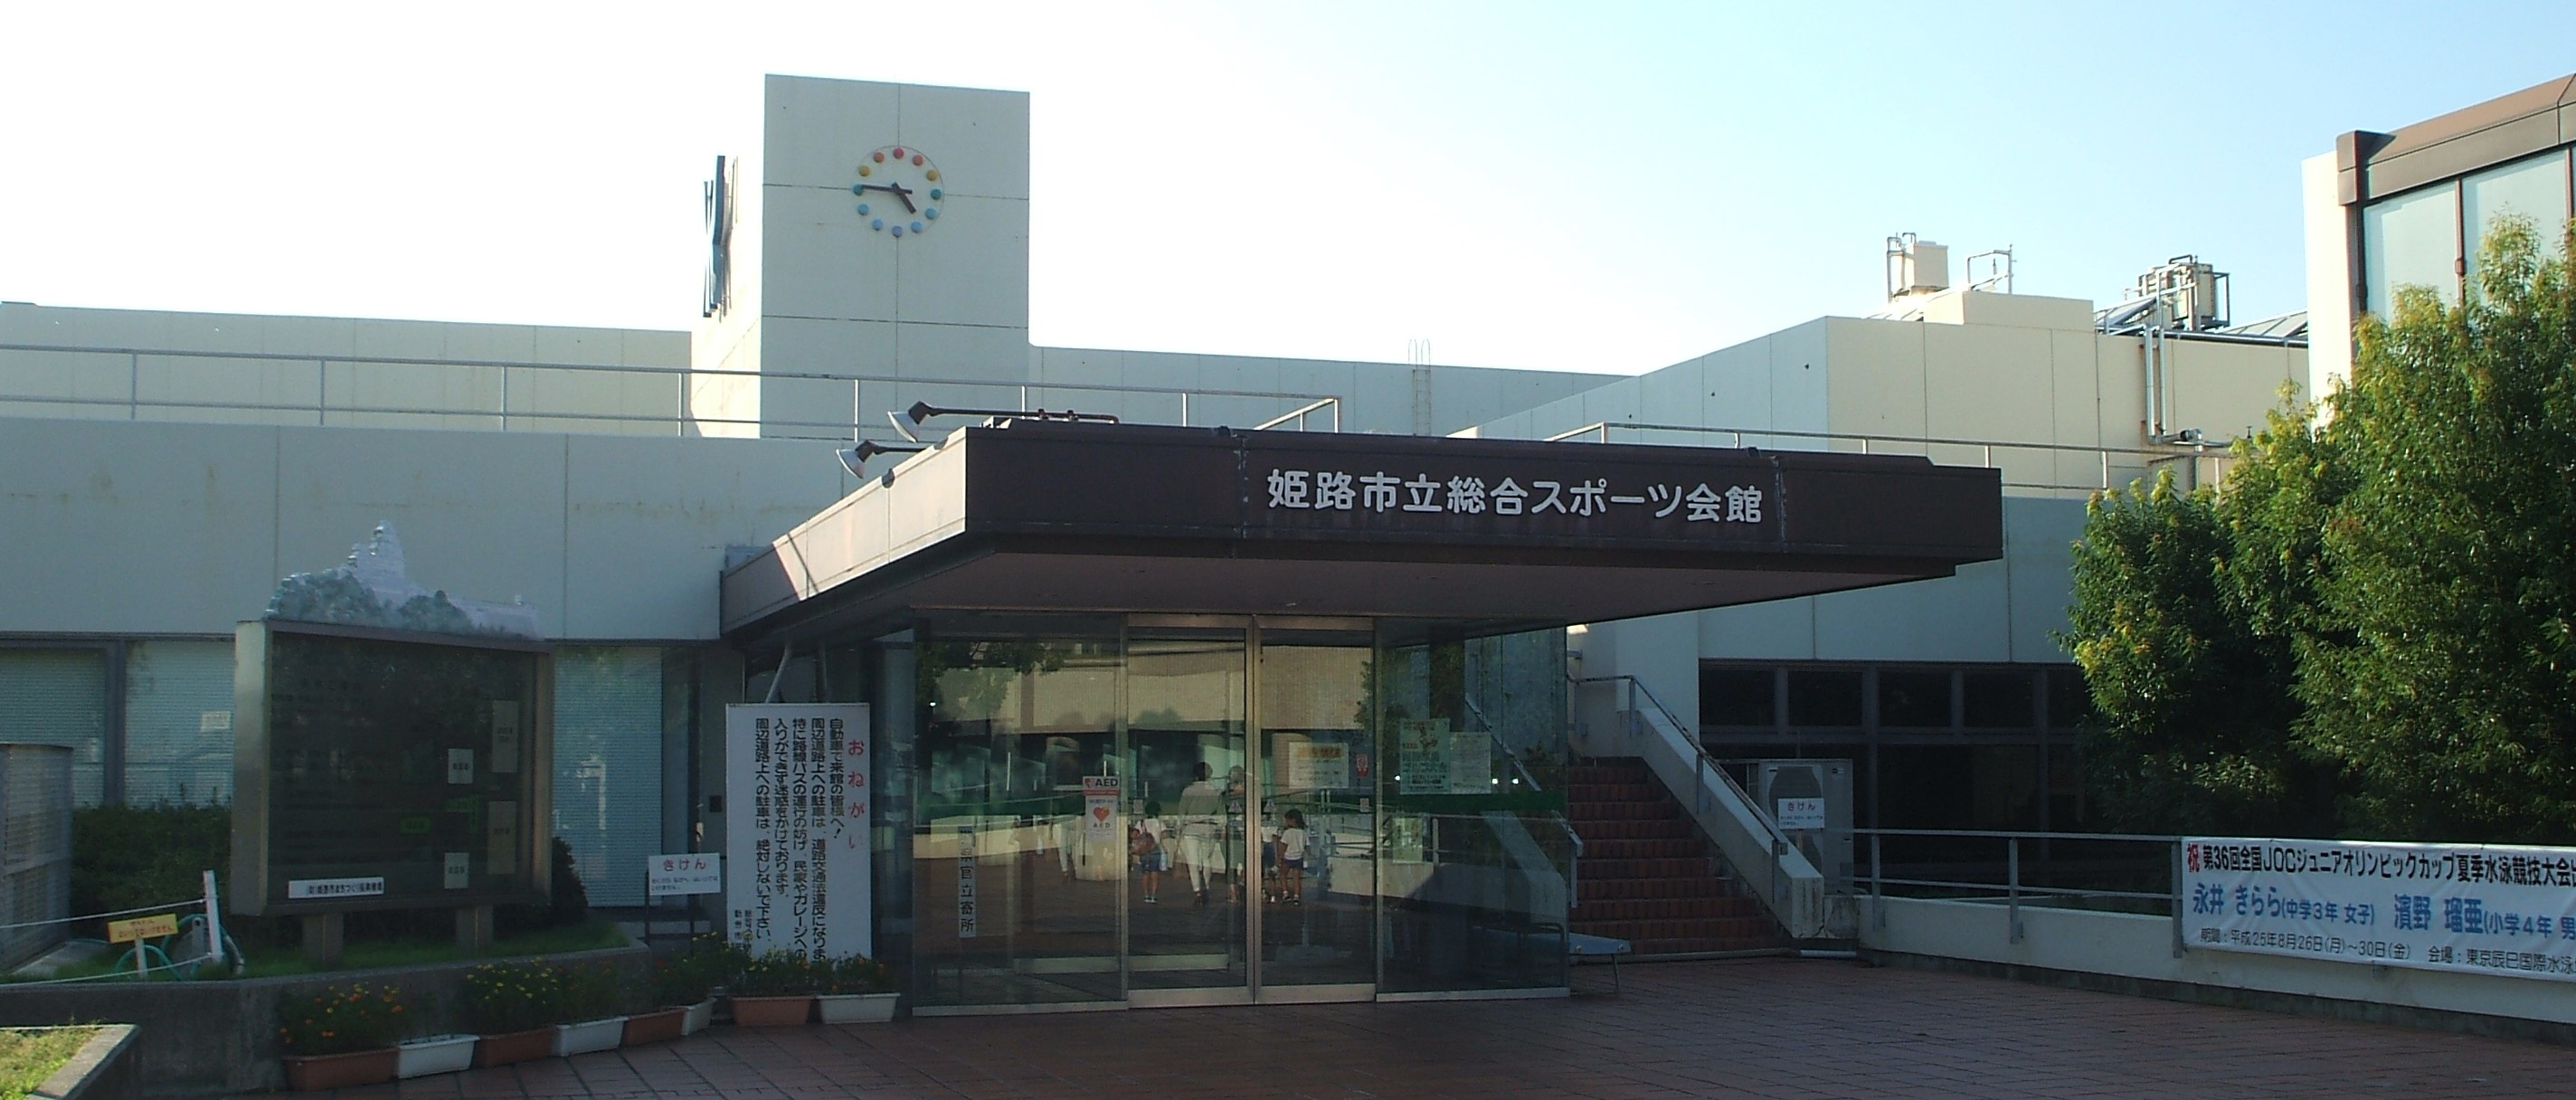 総合スポーツ会館短期スポーツ教室イメージ画像